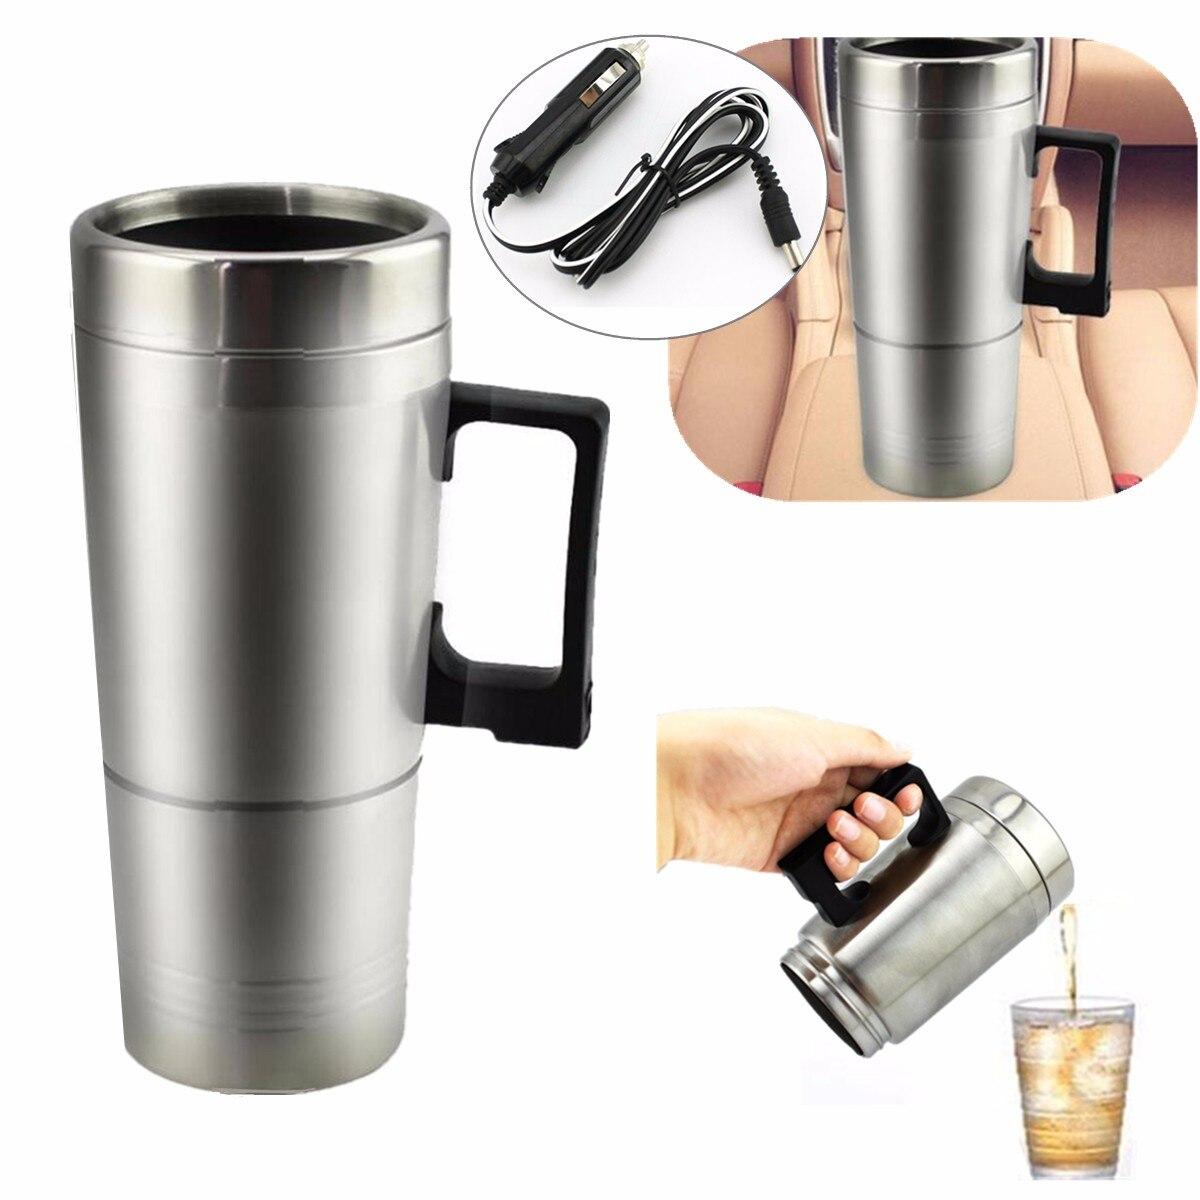 Coche sopa de agua té café bebé botella calentador caldera coche calentador taza tetera portátil nuevo Auto dispositivo eléctrico 12 V 300 ml *